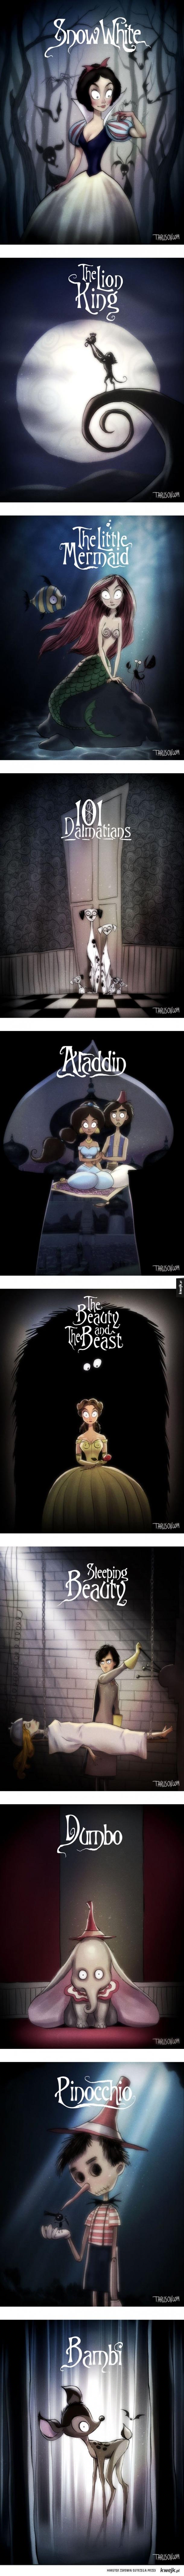 Gdyby Tim Burton pracował dla Disneya